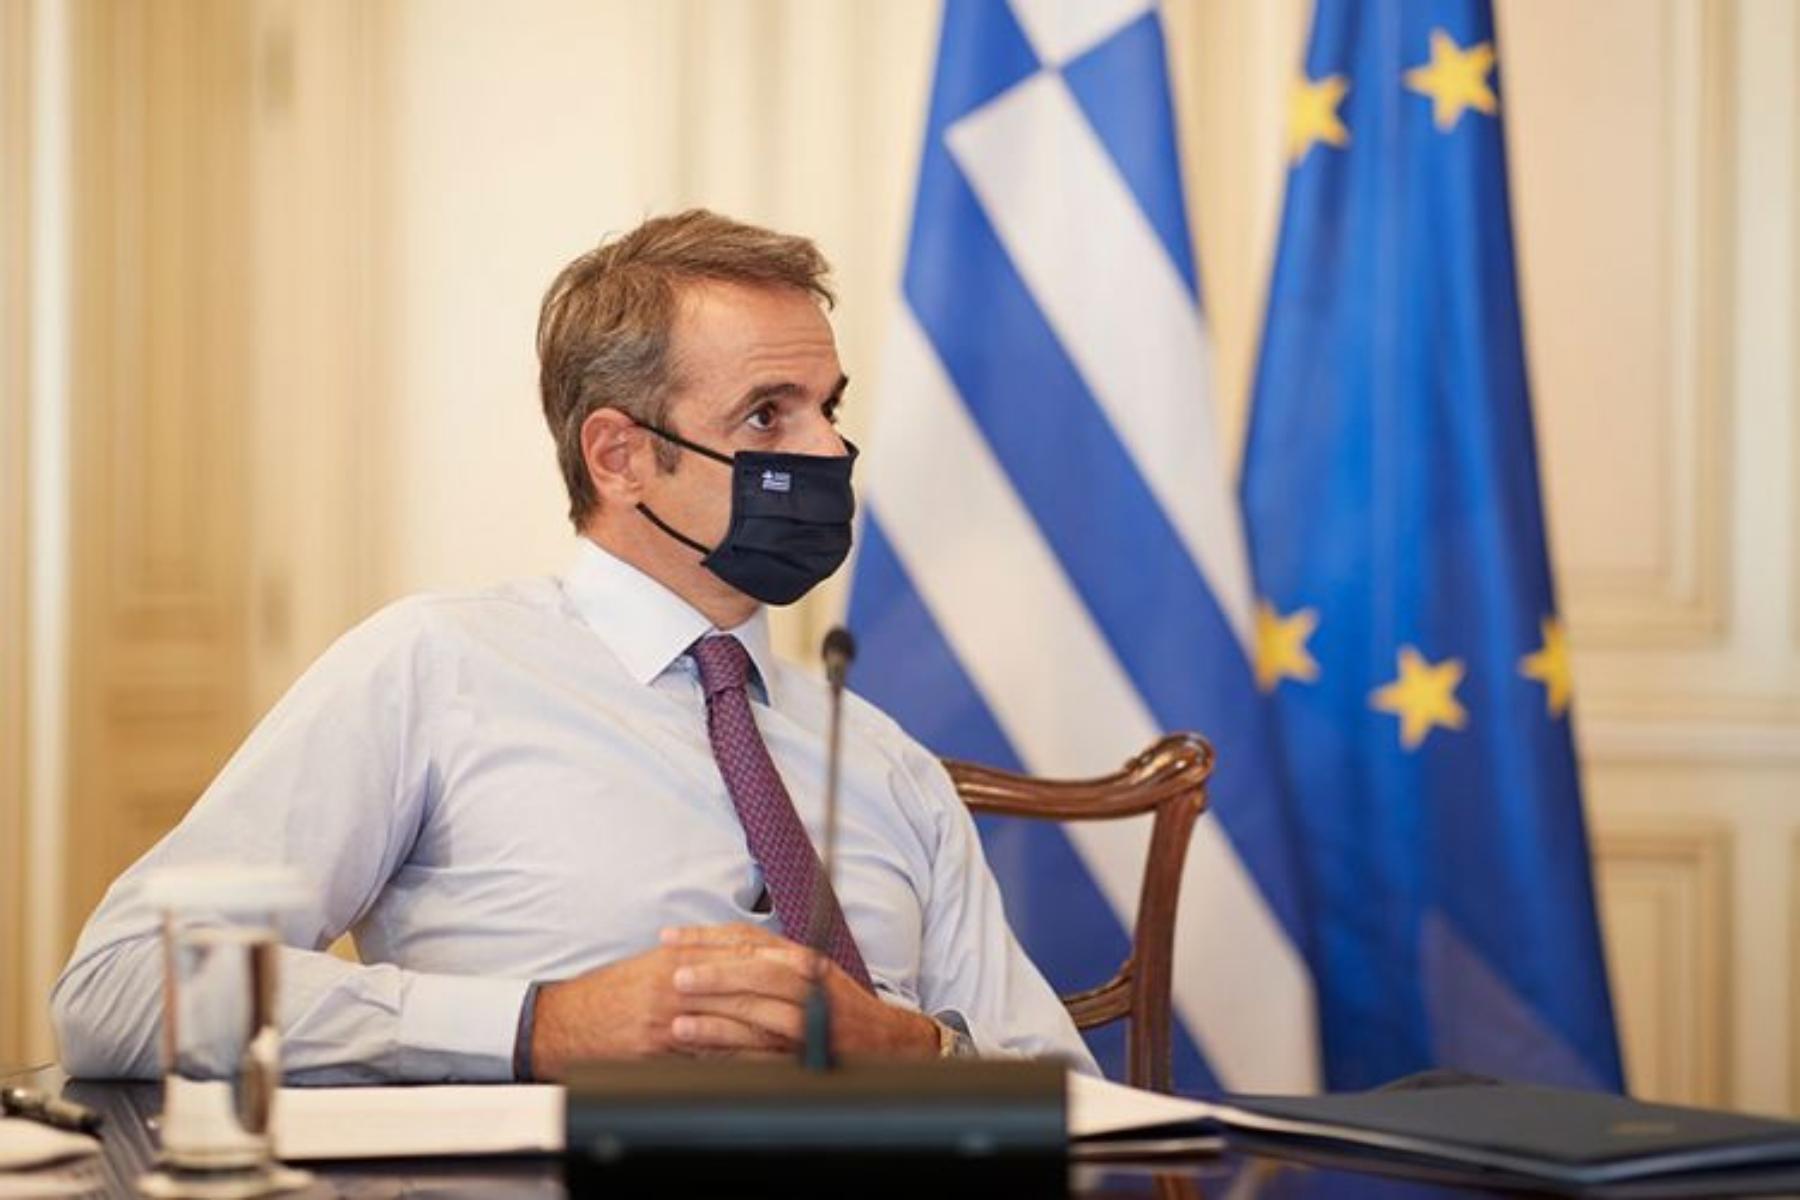 """Υπουργικό Συμβούλιο: Συνεδρίαση- Στα """"σκαριά"""" νομοσχέδιο για τηλεργασία στο Δημόσιο"""